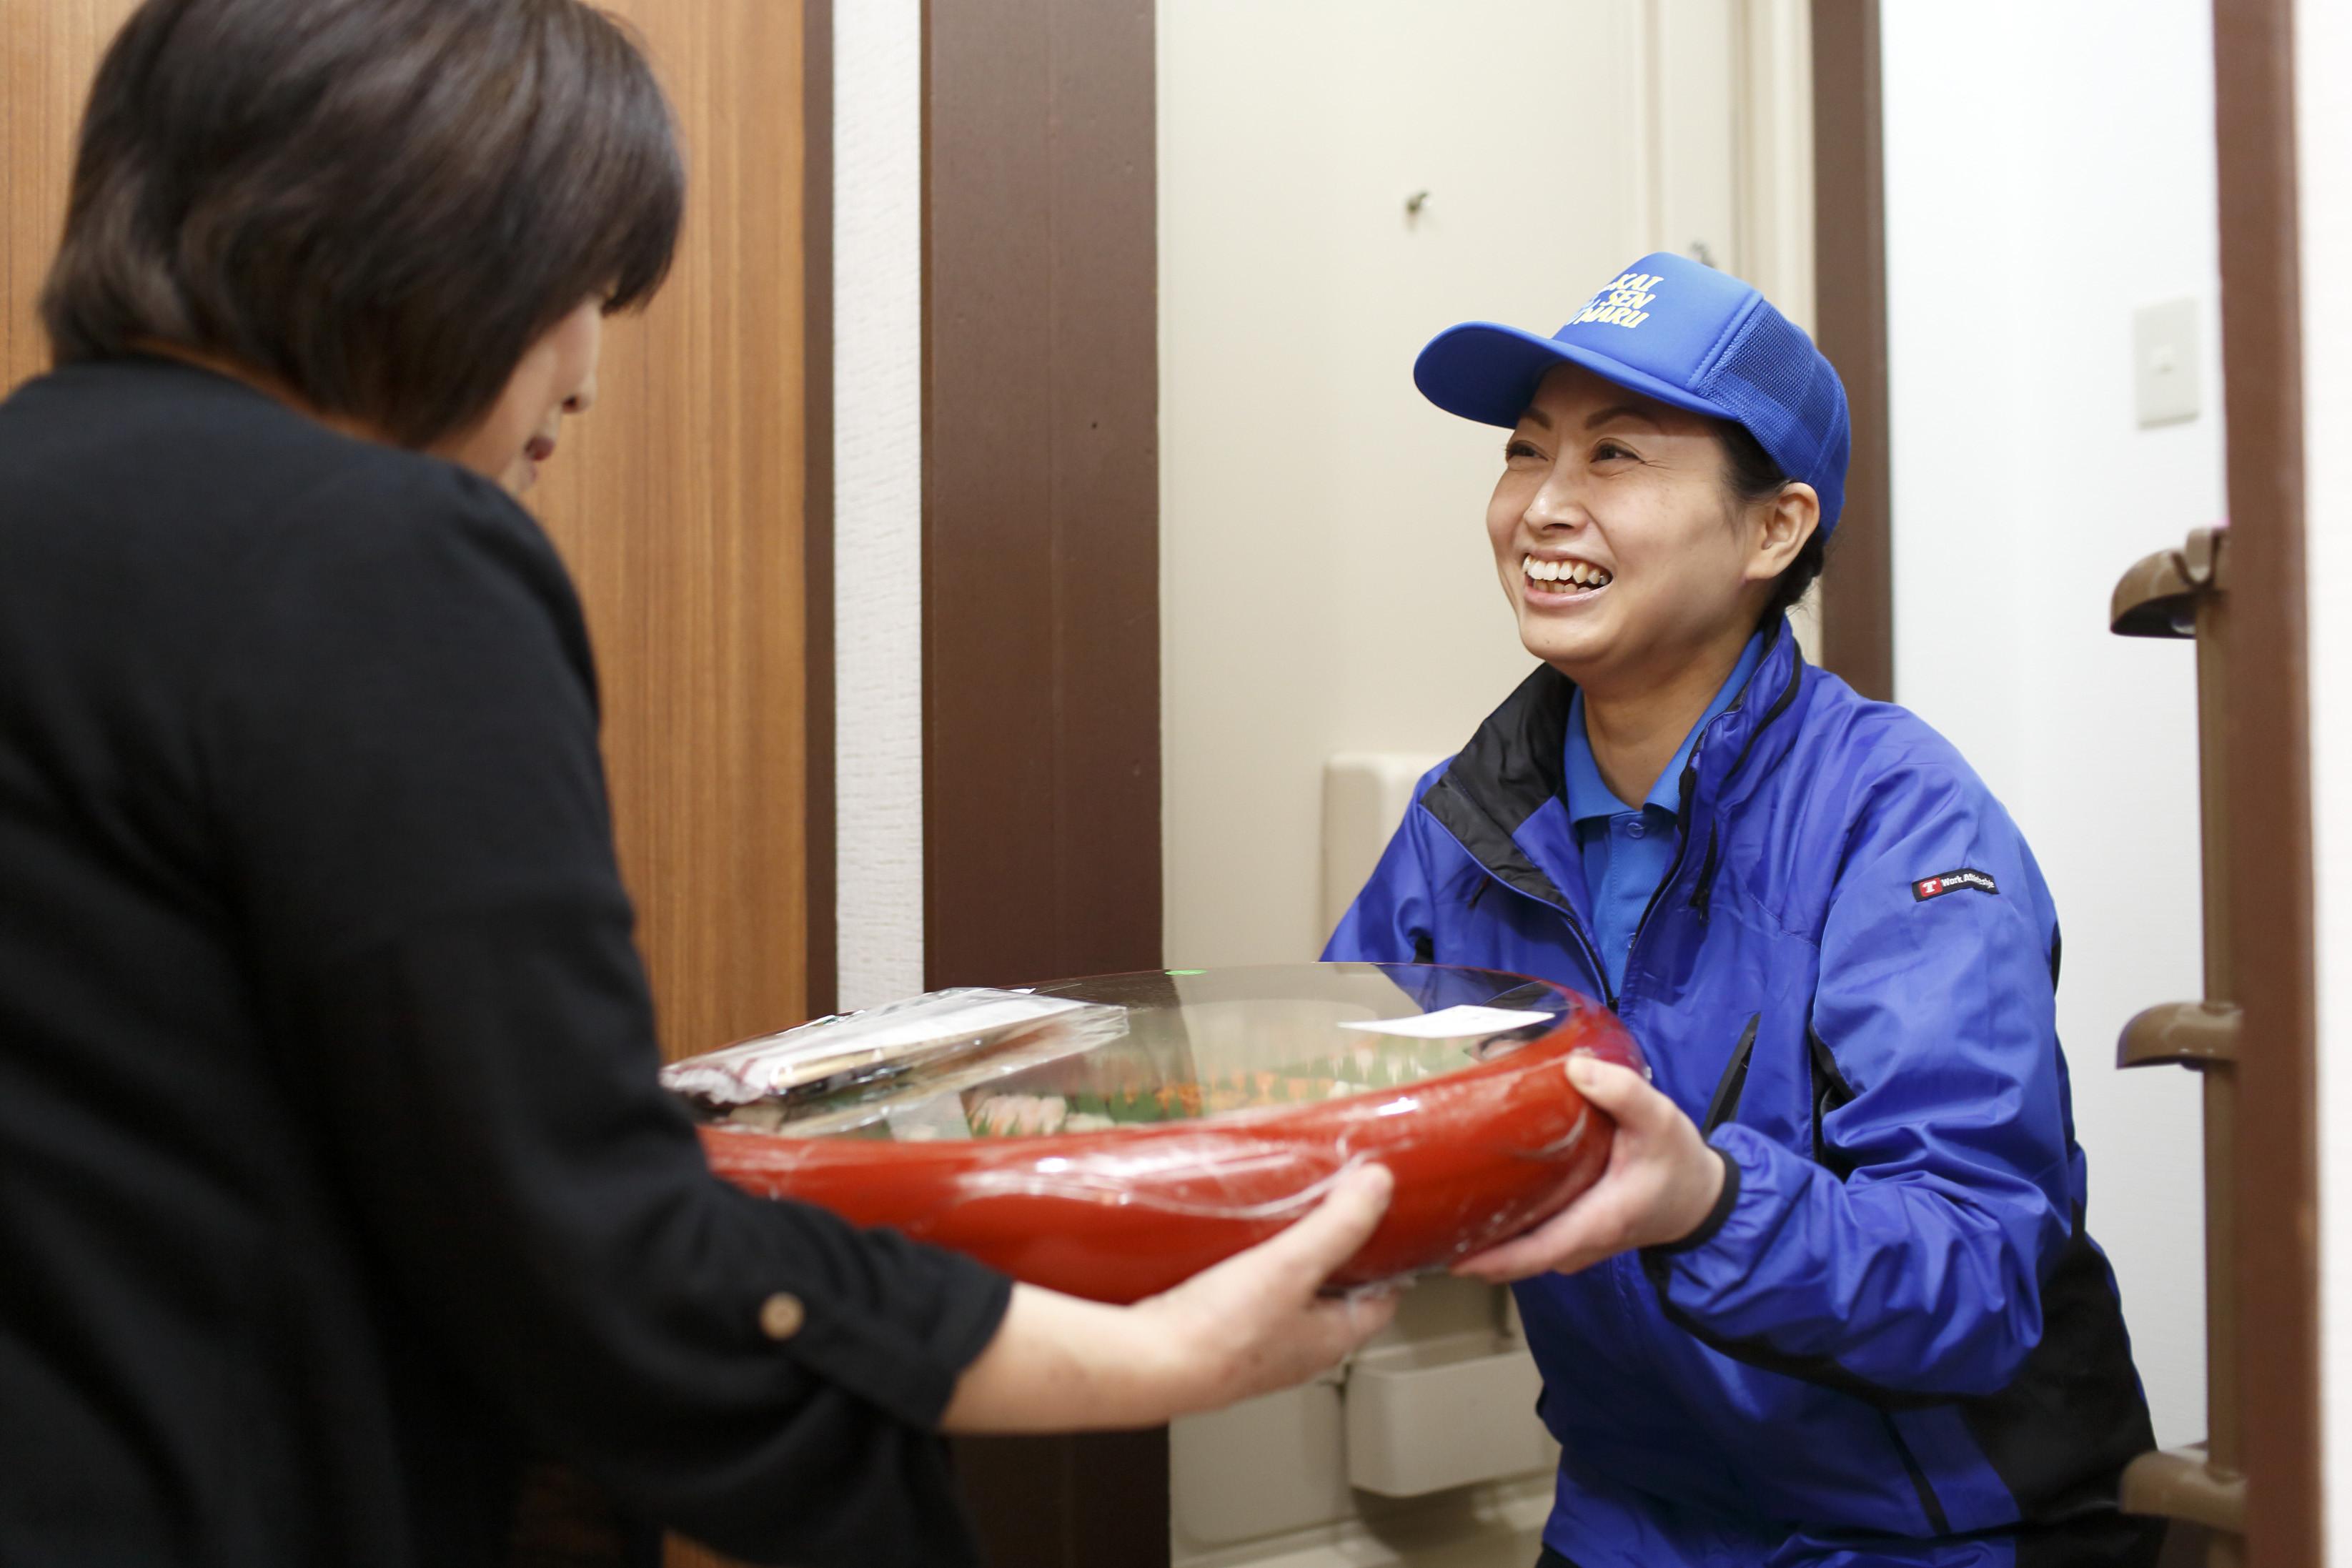 札幌海鮮丸 平店 デリバリー(配達)スタッフのアルバイト情報